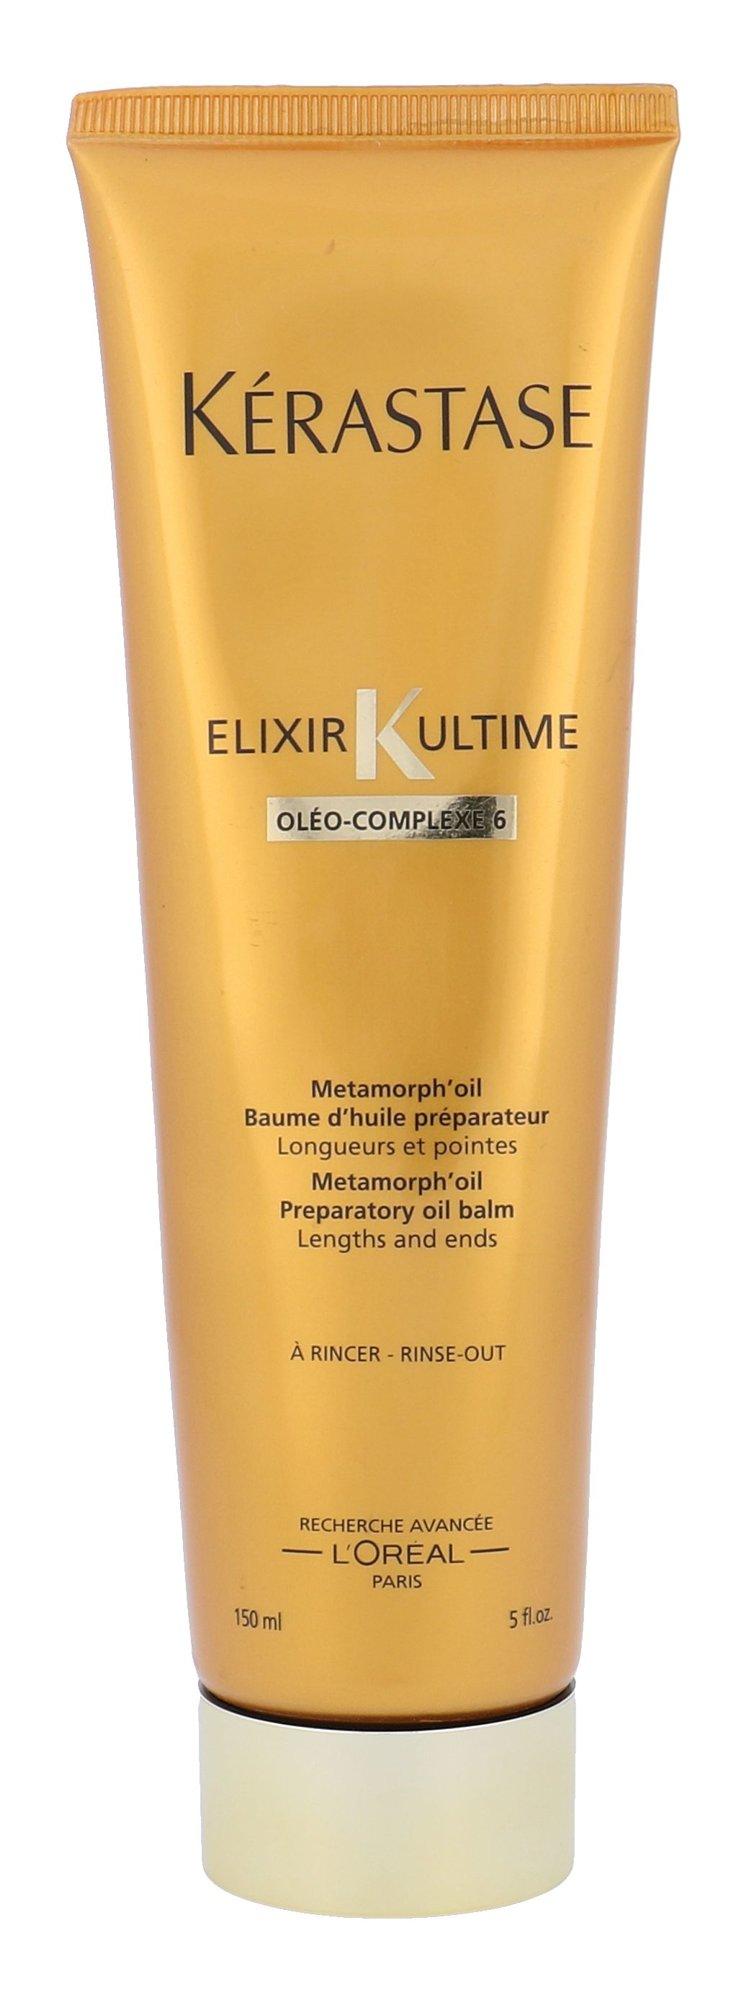 Kérastase Elixir Ultime Cosmetic 150ml